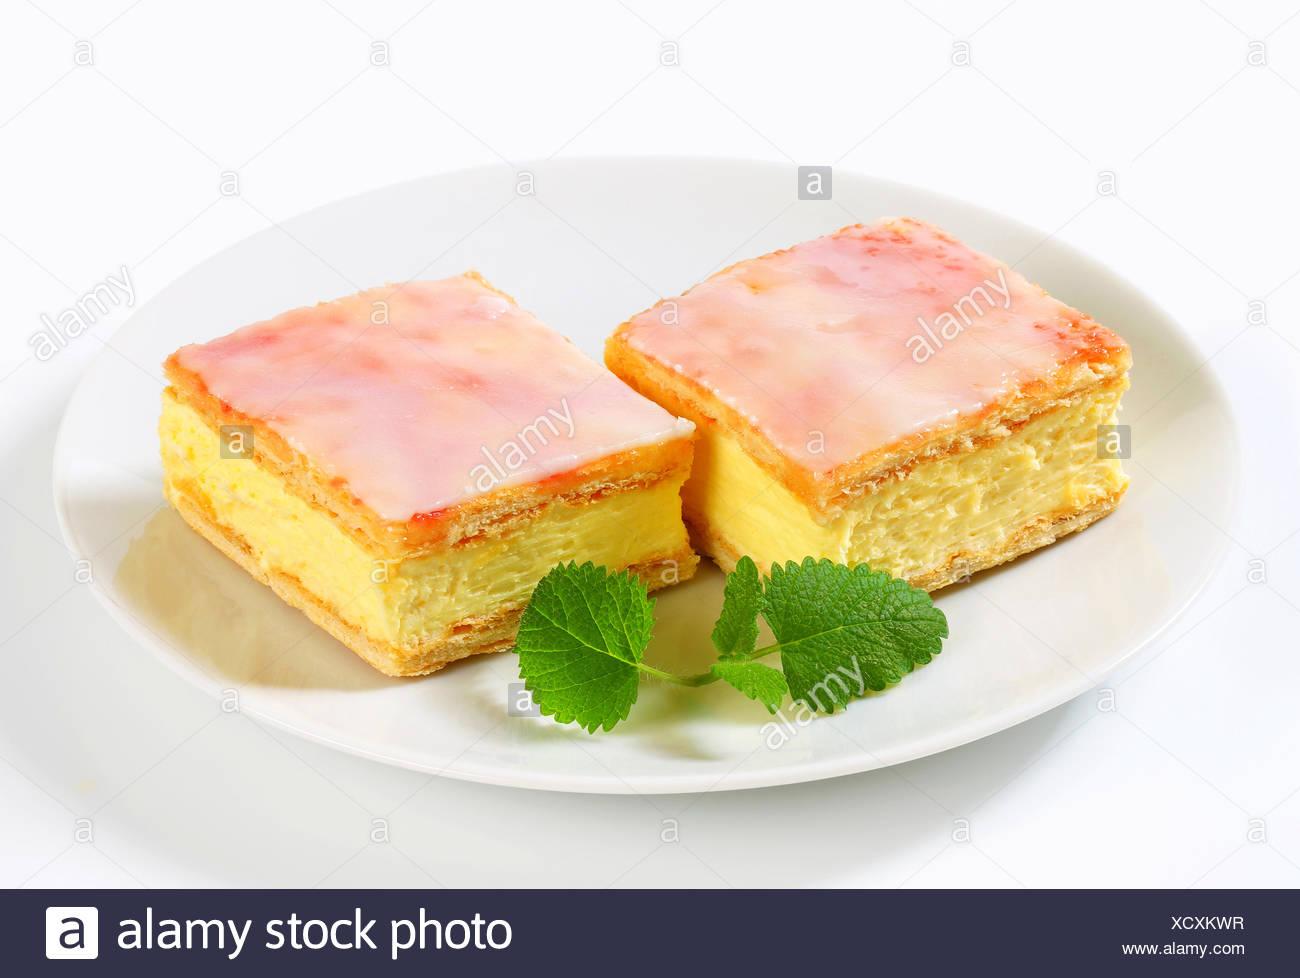 Lebensmittel Nahrungsmittel Suss Closeup Zucker Quadratische Platte